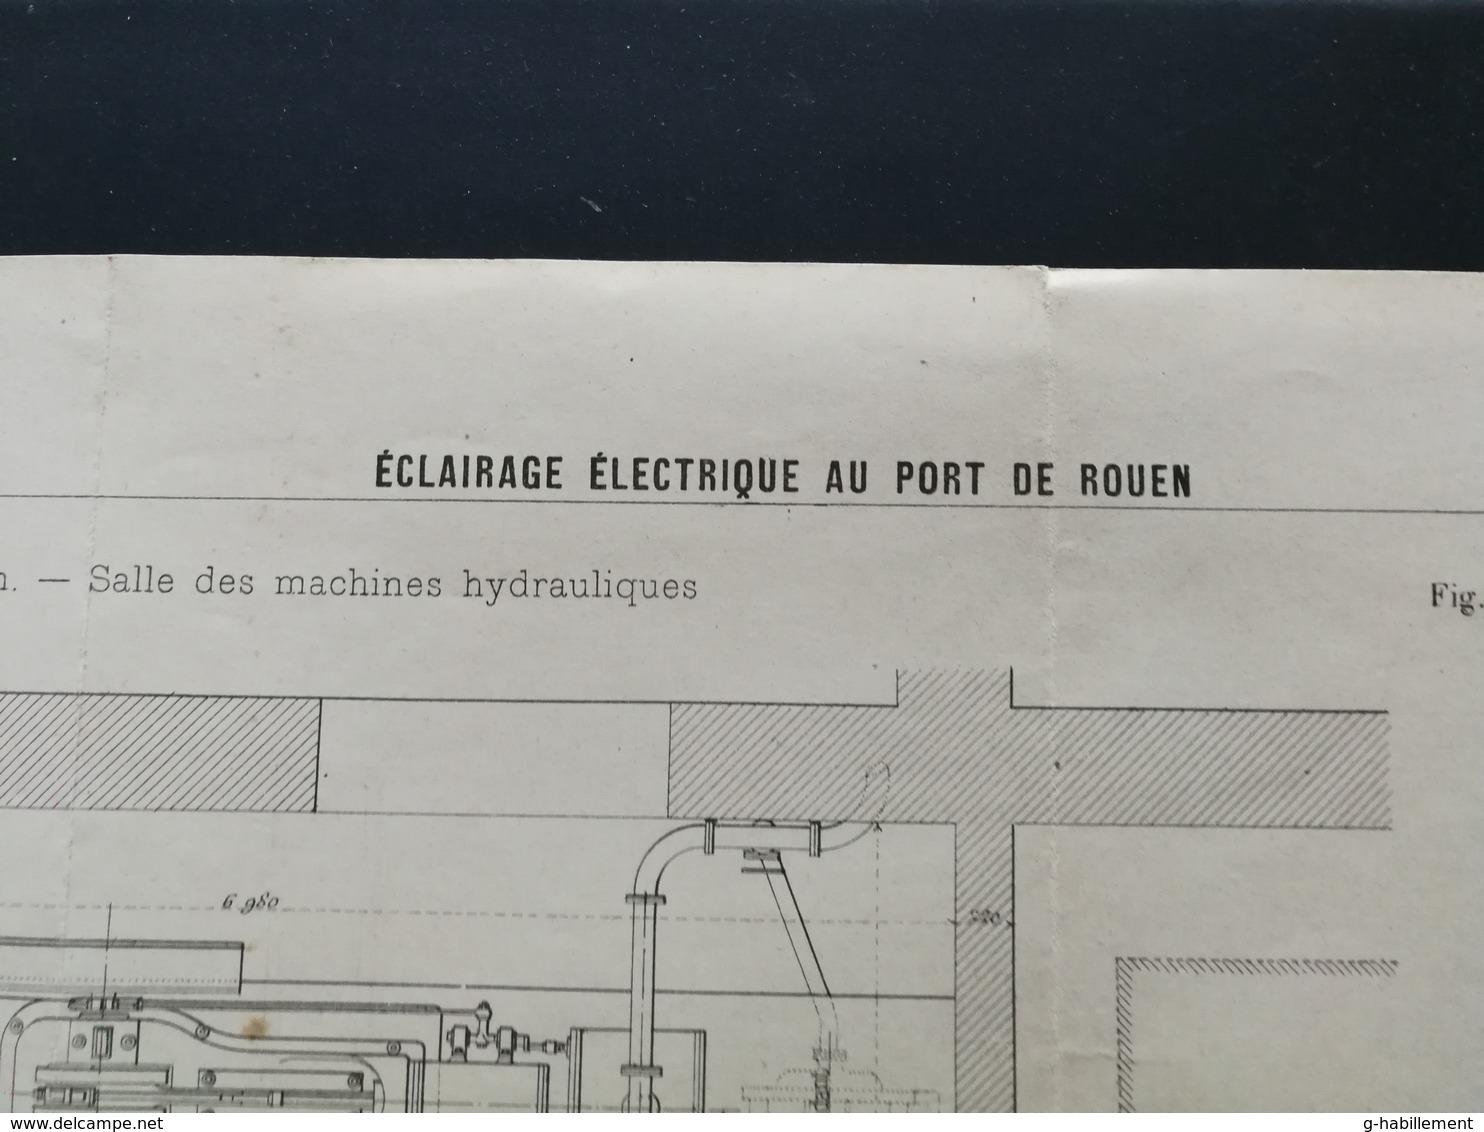 ANNALES DES PONTS Et CHAUSSEES (Dep 76) - Plan D'Eclairage électrique Au Port De Rouen - Imp L.Courtier 1898 (CLE69) - Machines